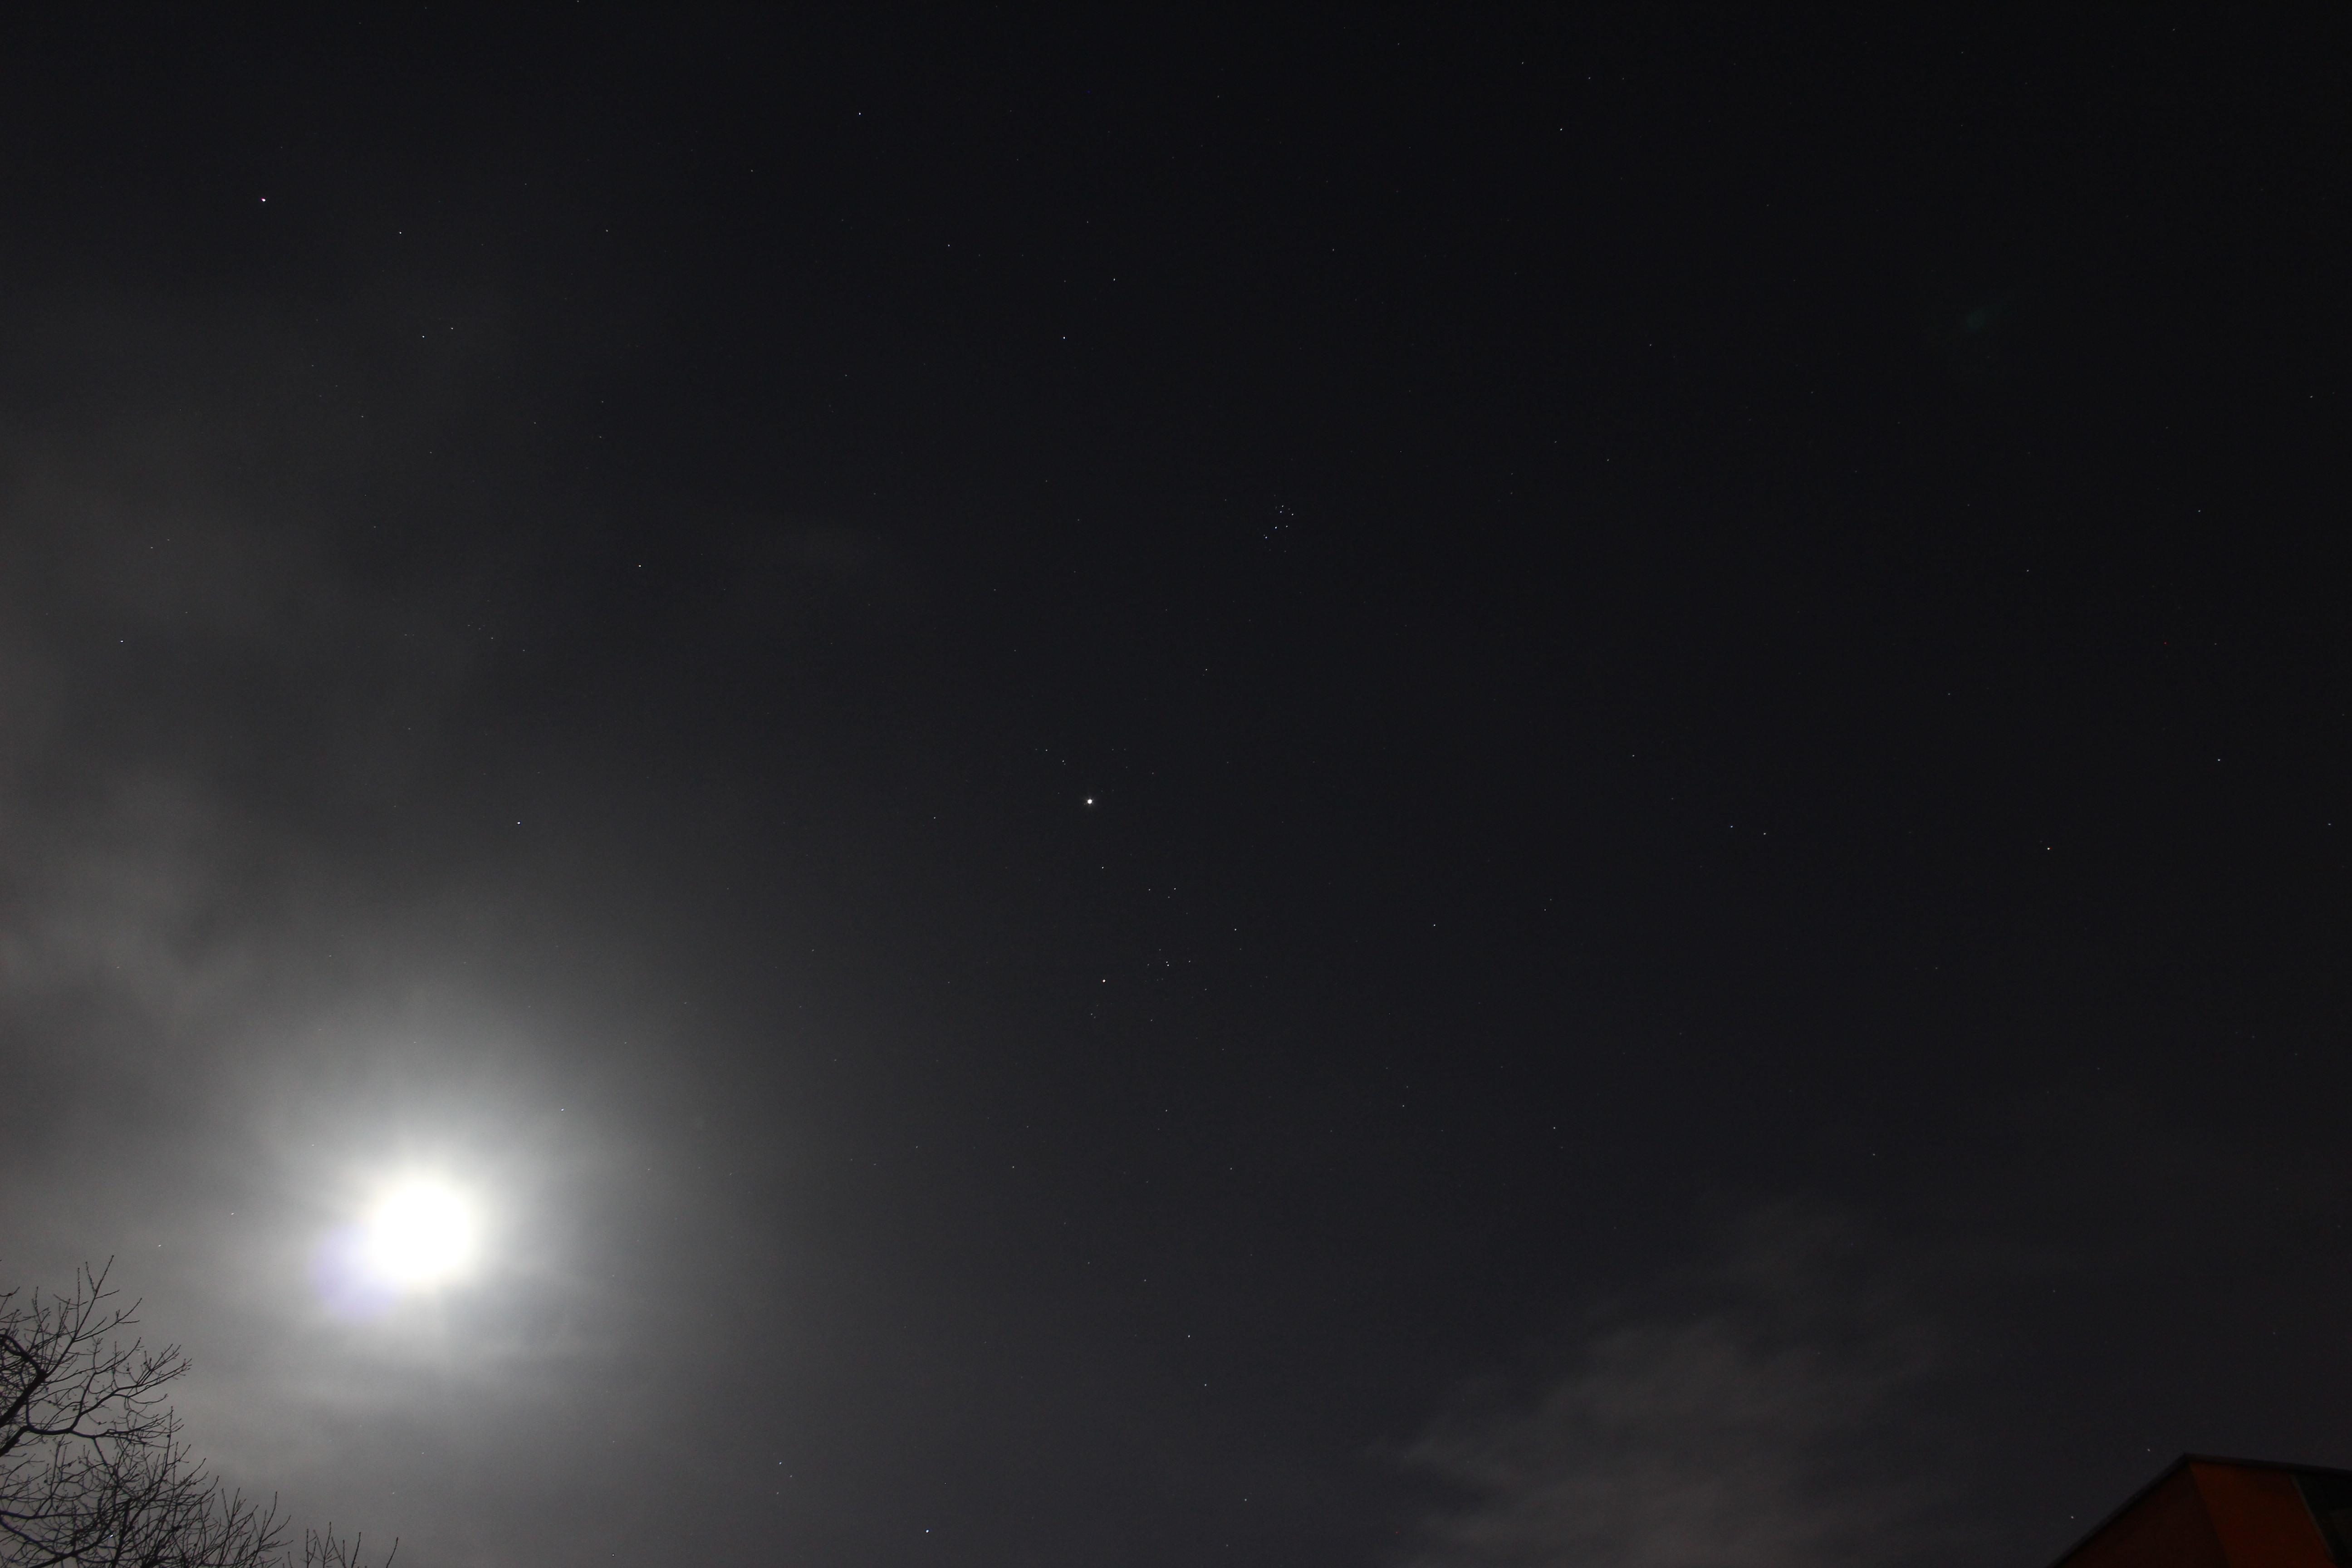 Bild 3 vom 26.12.2012 – F/5.6; ISO-400; 18 mm Brennweite; Belichtungszeit 8 Sek.